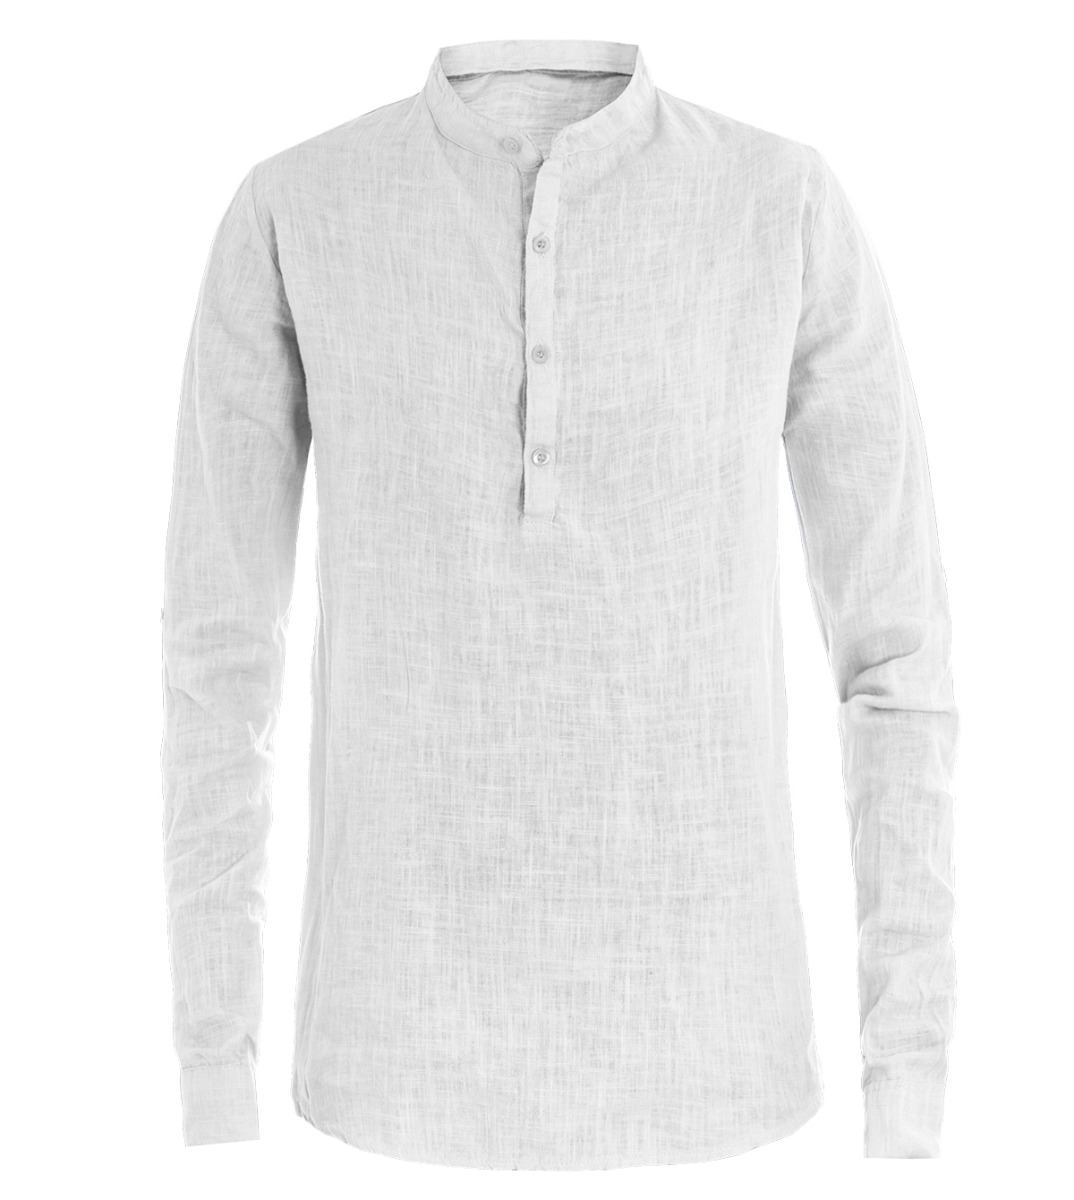 Camicia-Uomo-Puro-Lino-Collo-Coreano-Tinta-Unita-Bianca-Manica-Lunga-Casual-G